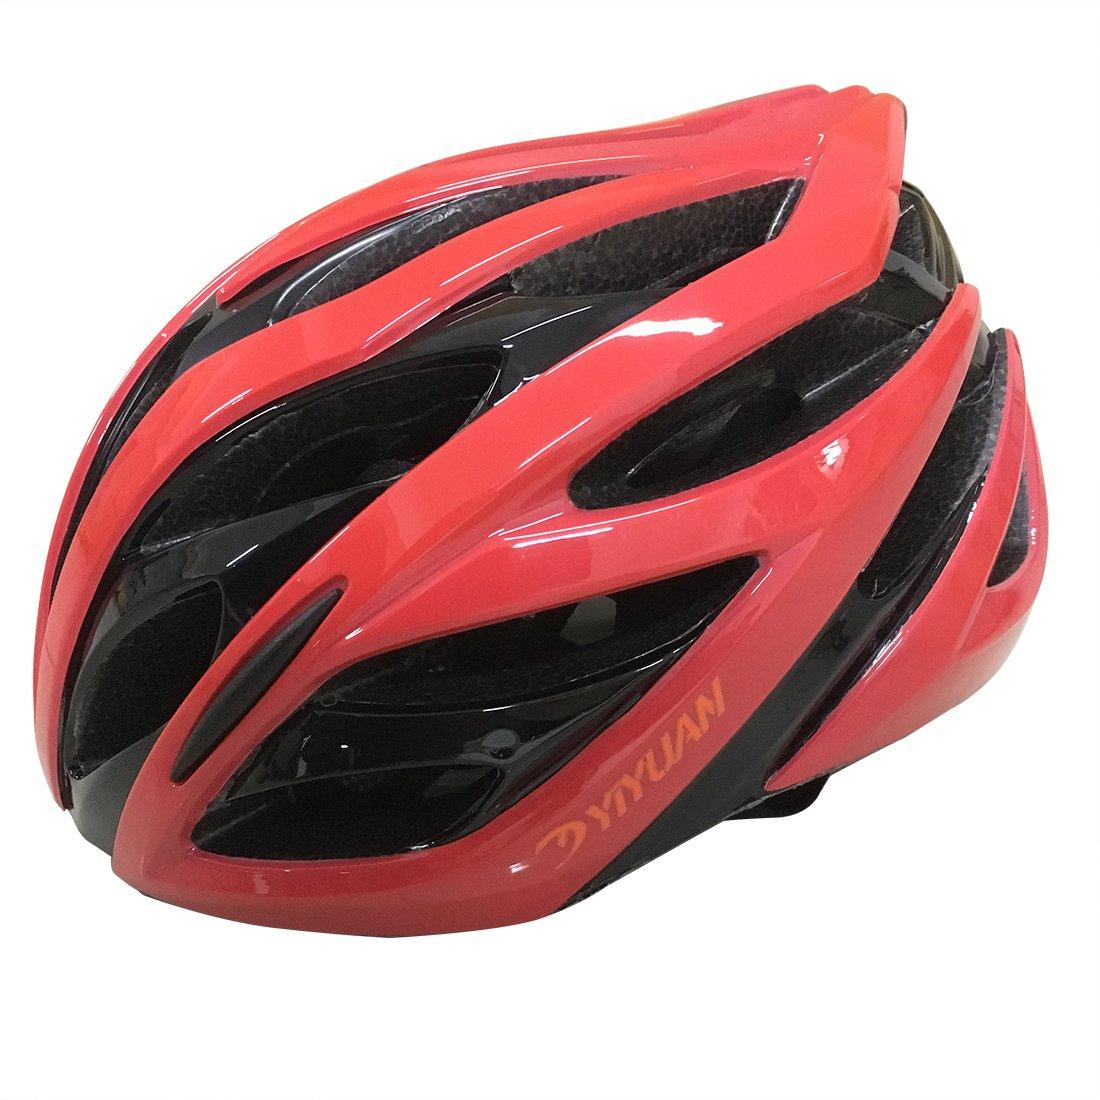 Casco de ciclo YIYUAN para la seguridad de montar en bicicleta